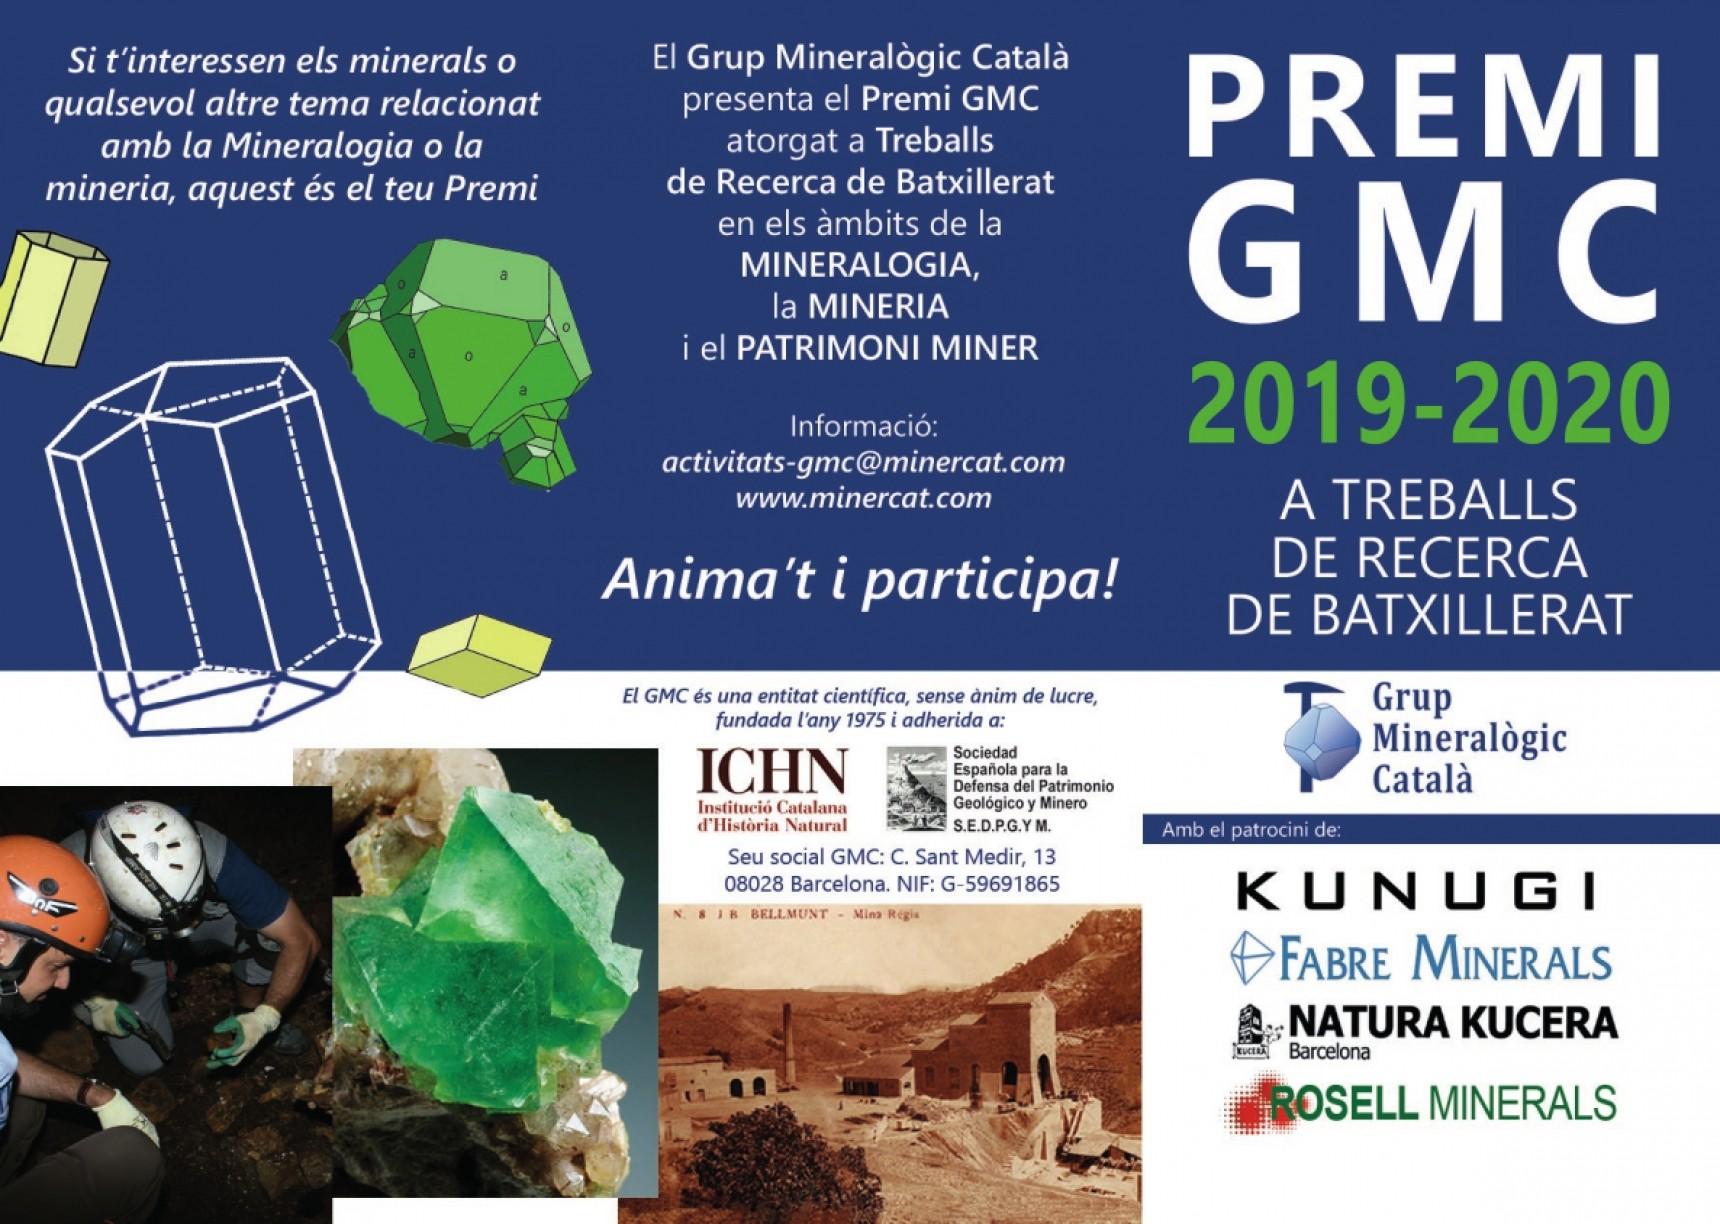 El Grup Mineralògic Català (GMC) convoca anualmente, y desde el curso académico 2014-2015, la edición de los Premios GMC a los mejores trabajos de investigación de bachillerato en el ámbito de la mineralogía, la minería y el patrimonio minero, en la modalidad: Premio al mejor trabajo de investigación de bachillerato de Cataluña. Consulte las Bases Reguladoras en el interior. La entrega de los premios se realizará en acto solemne dentro del próximo Salón Expominer, en el stand del GMC.